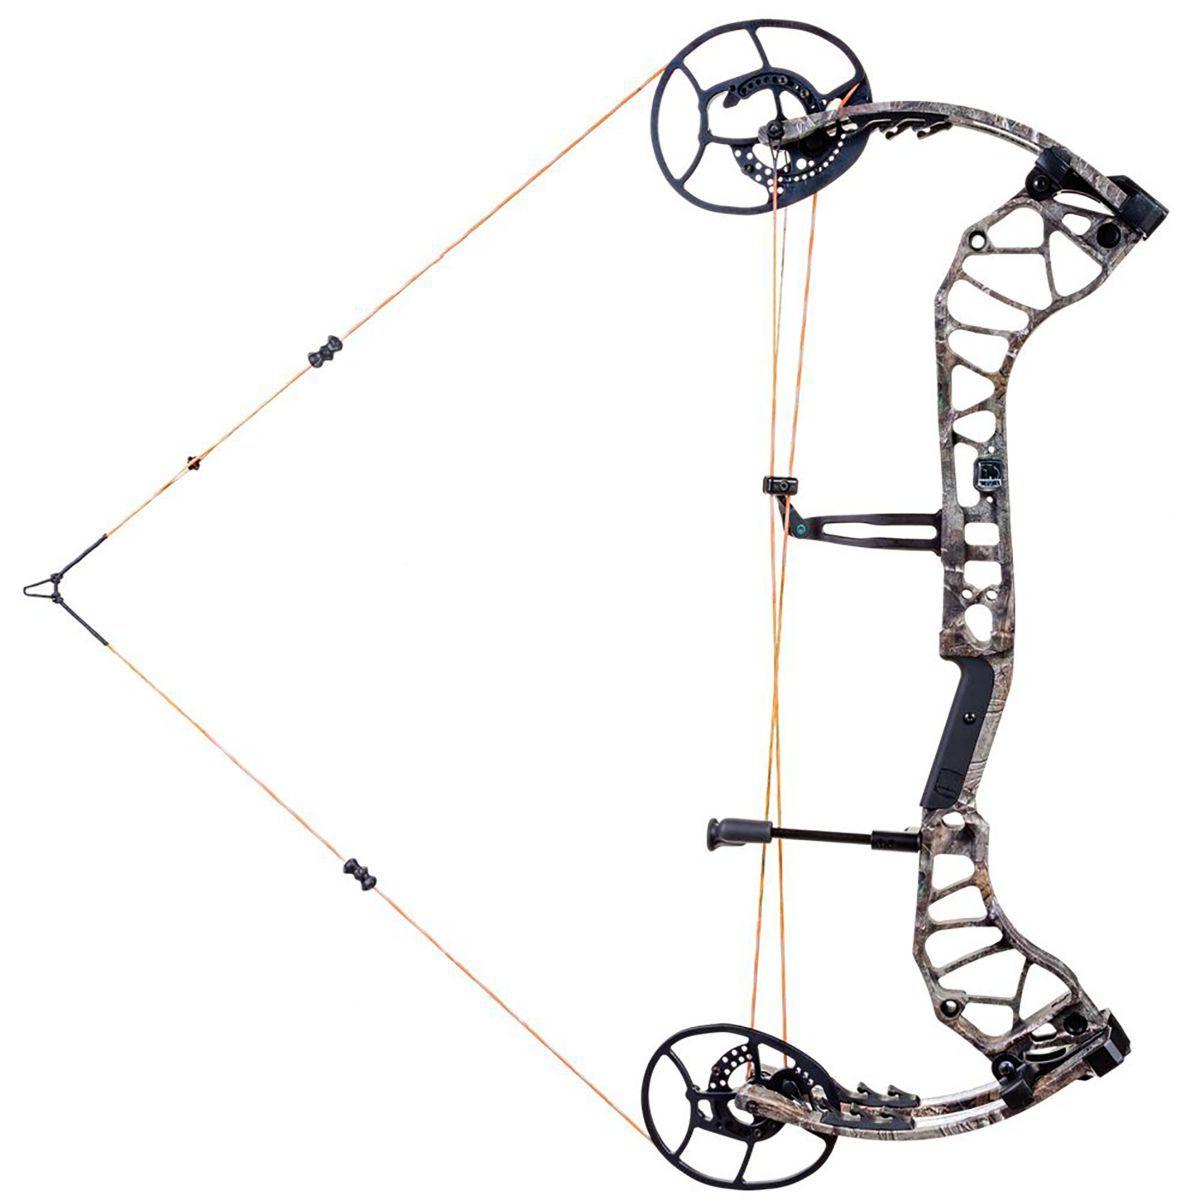 Bear® Archery Divergent Compound Bow